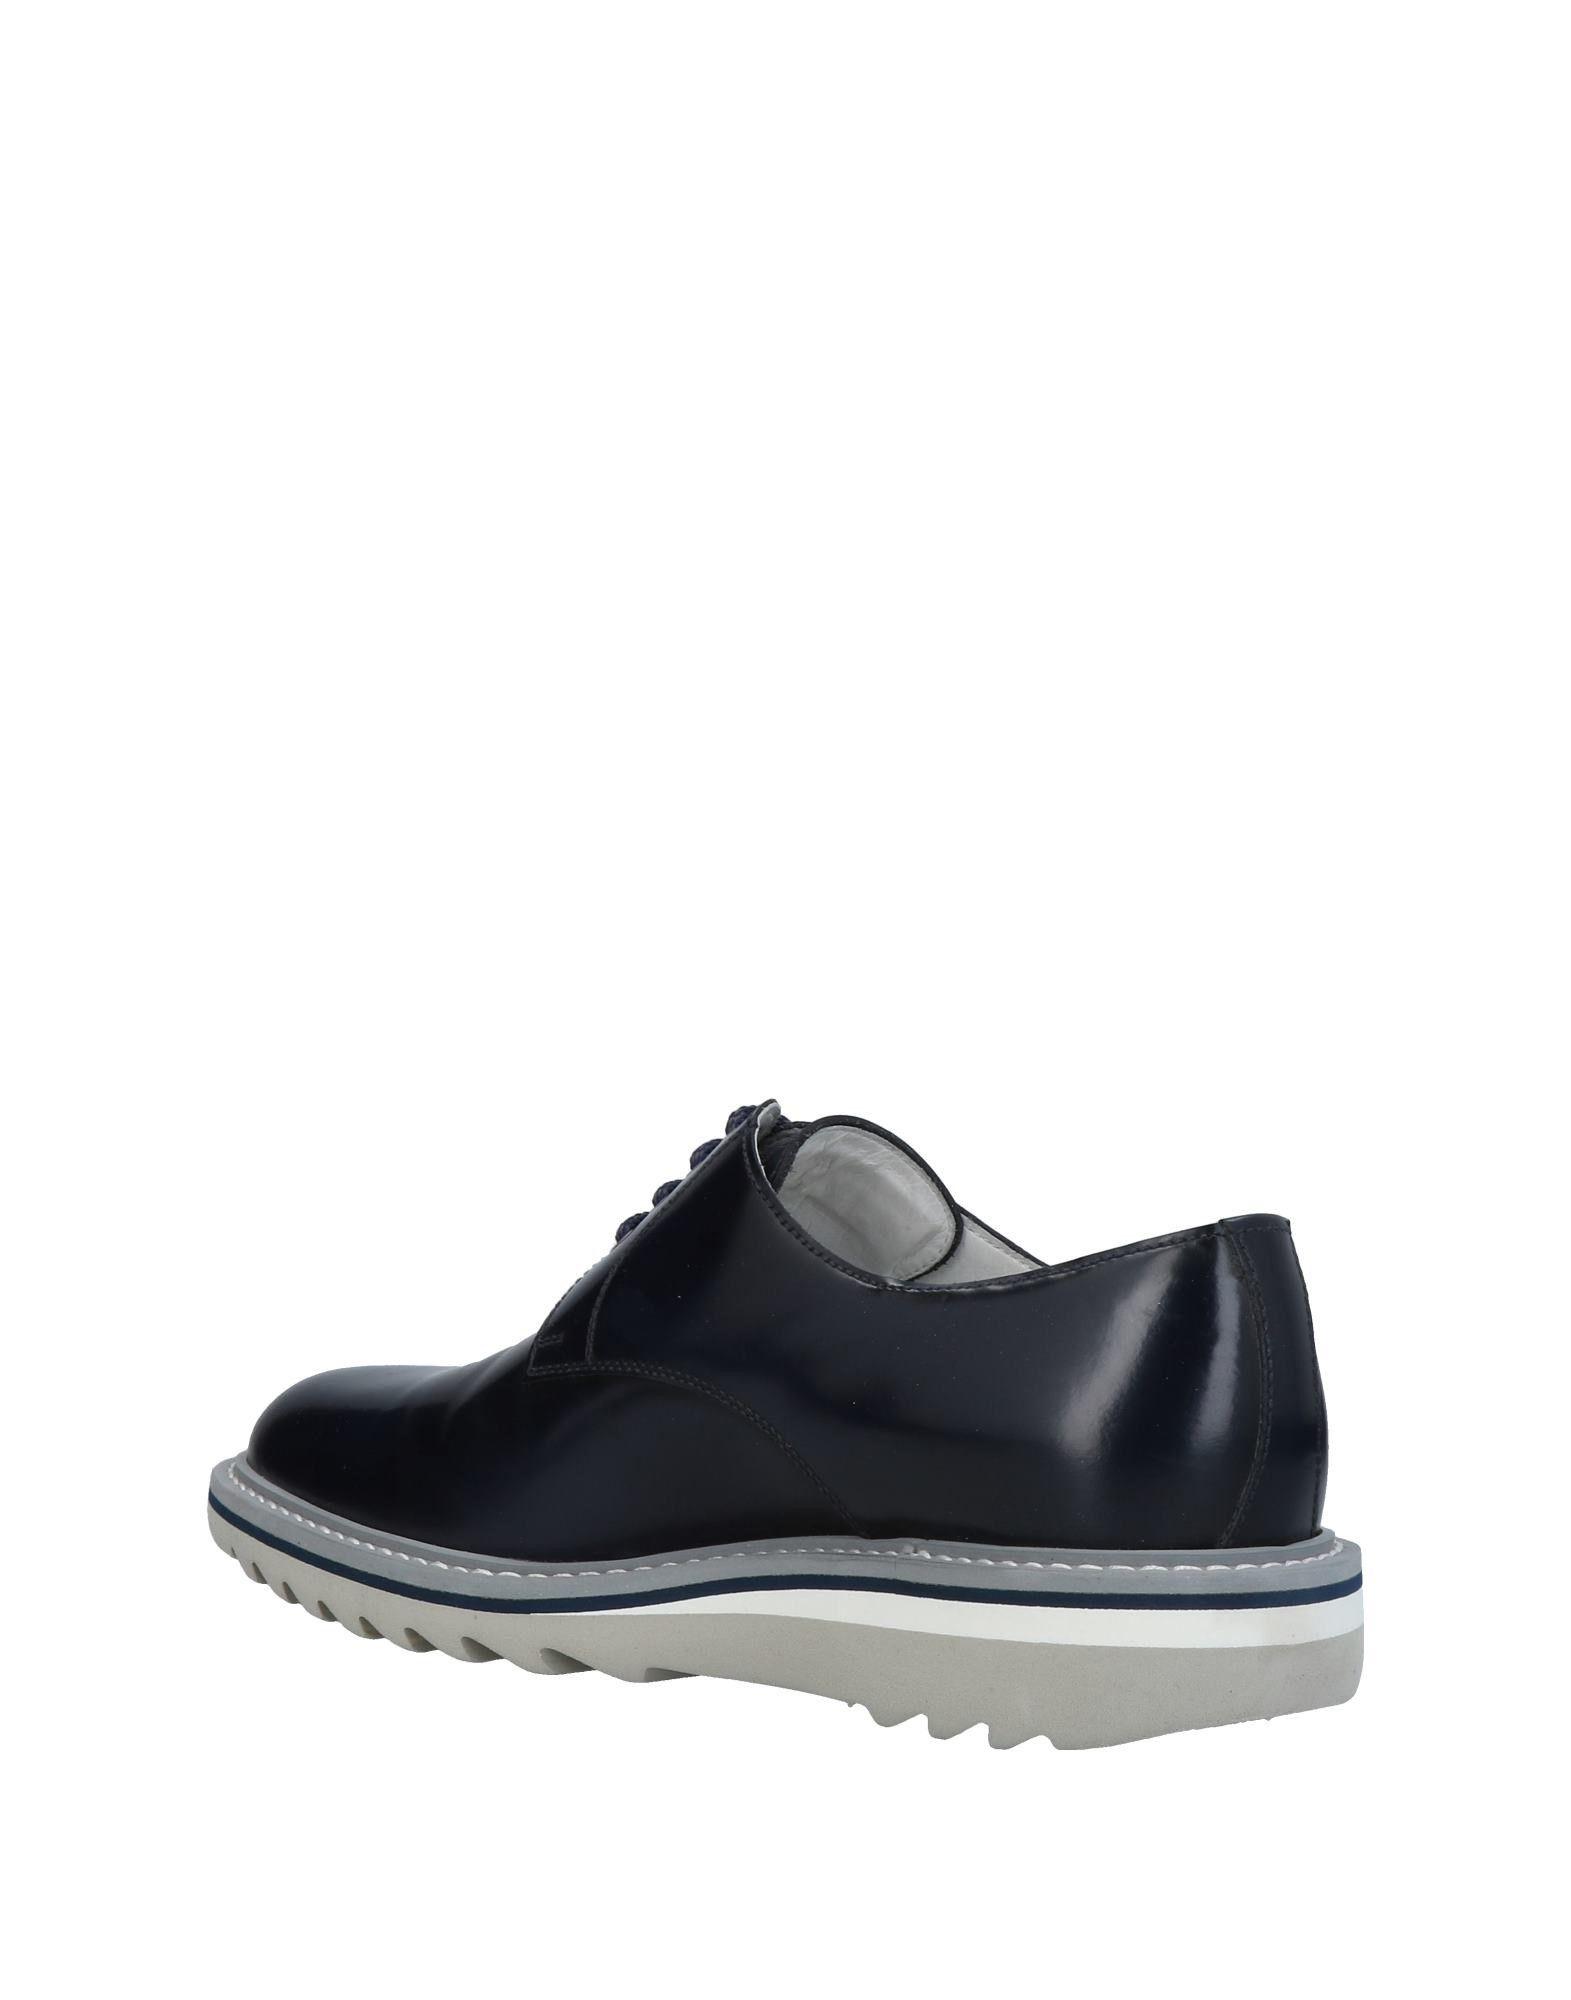 Sneakers Blu|Barrett By Barrett Homme - Sneakers Blu|Barrett By Barrett sur